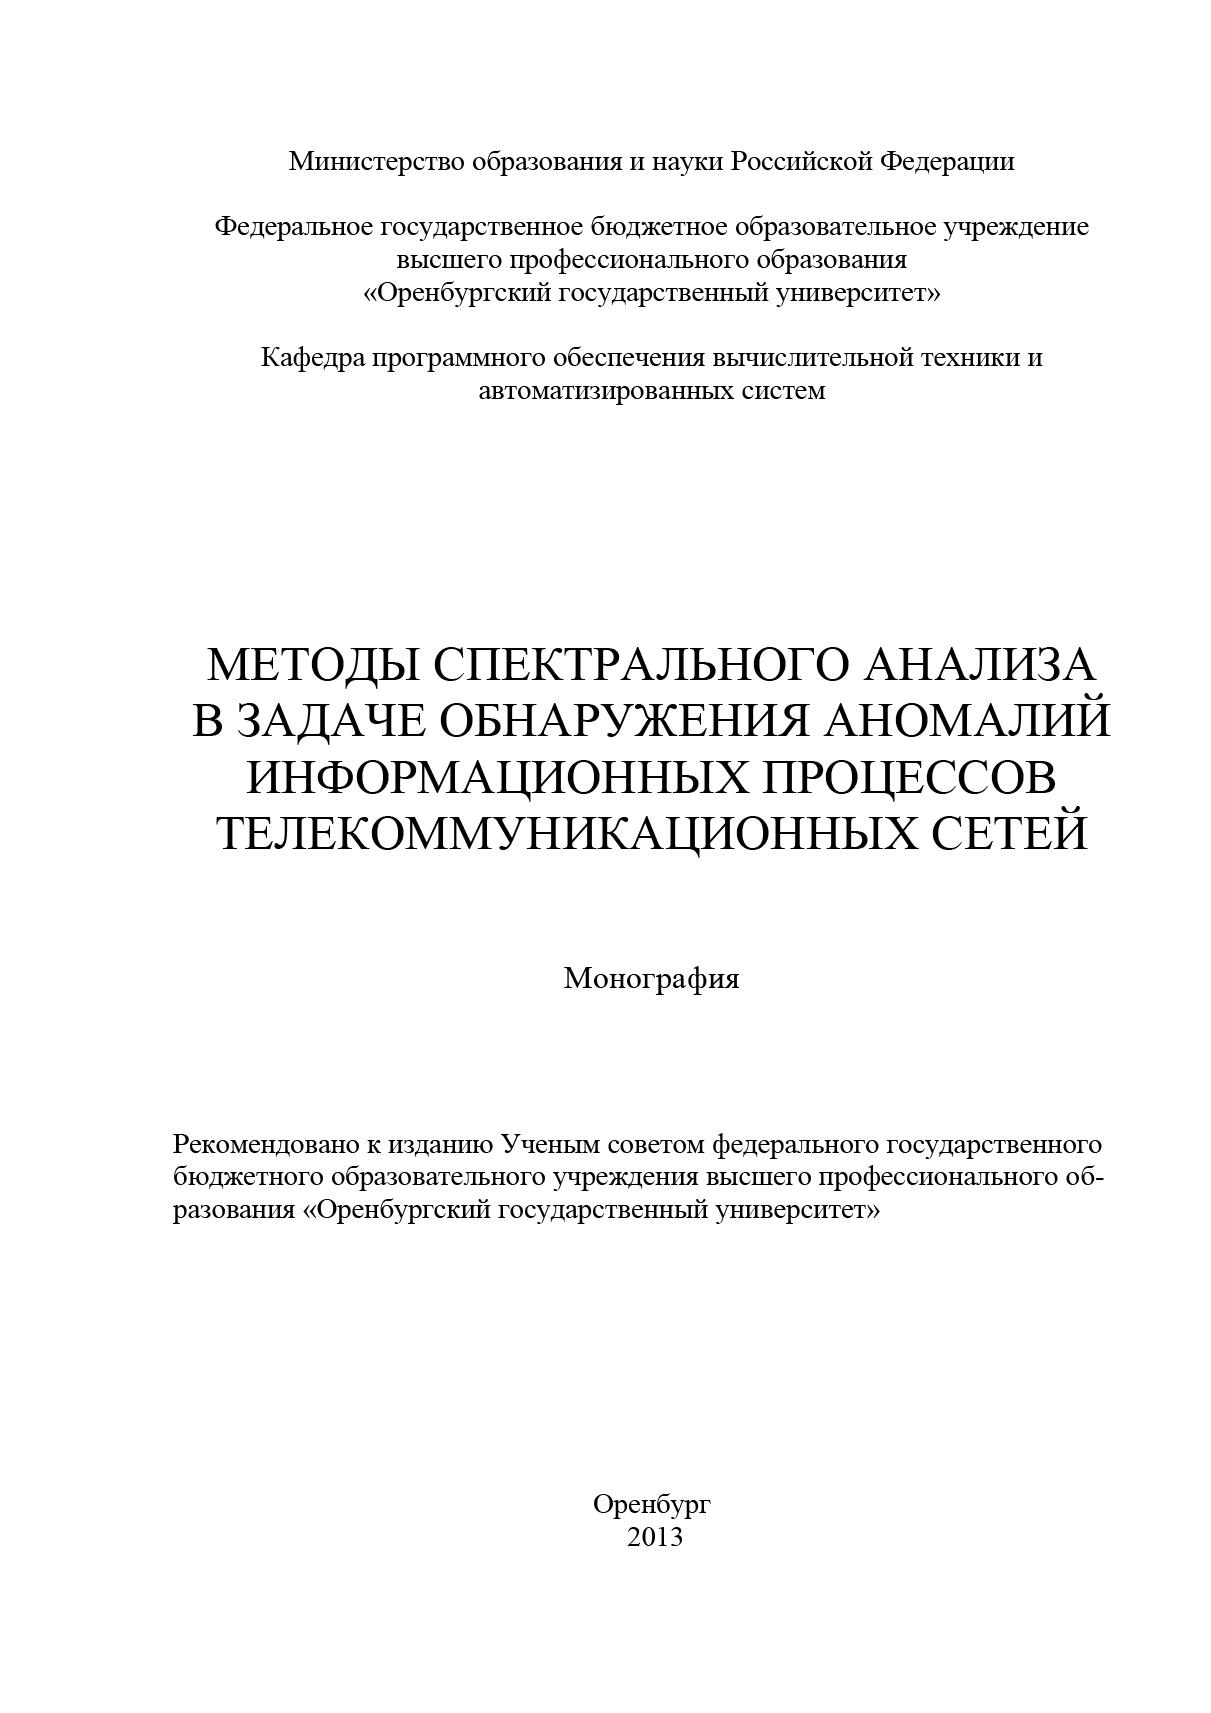 Коллектив авторов Методы спектрального анализа в задаче обнаружения аномалий информационных процессов телекоммуникационных сетей